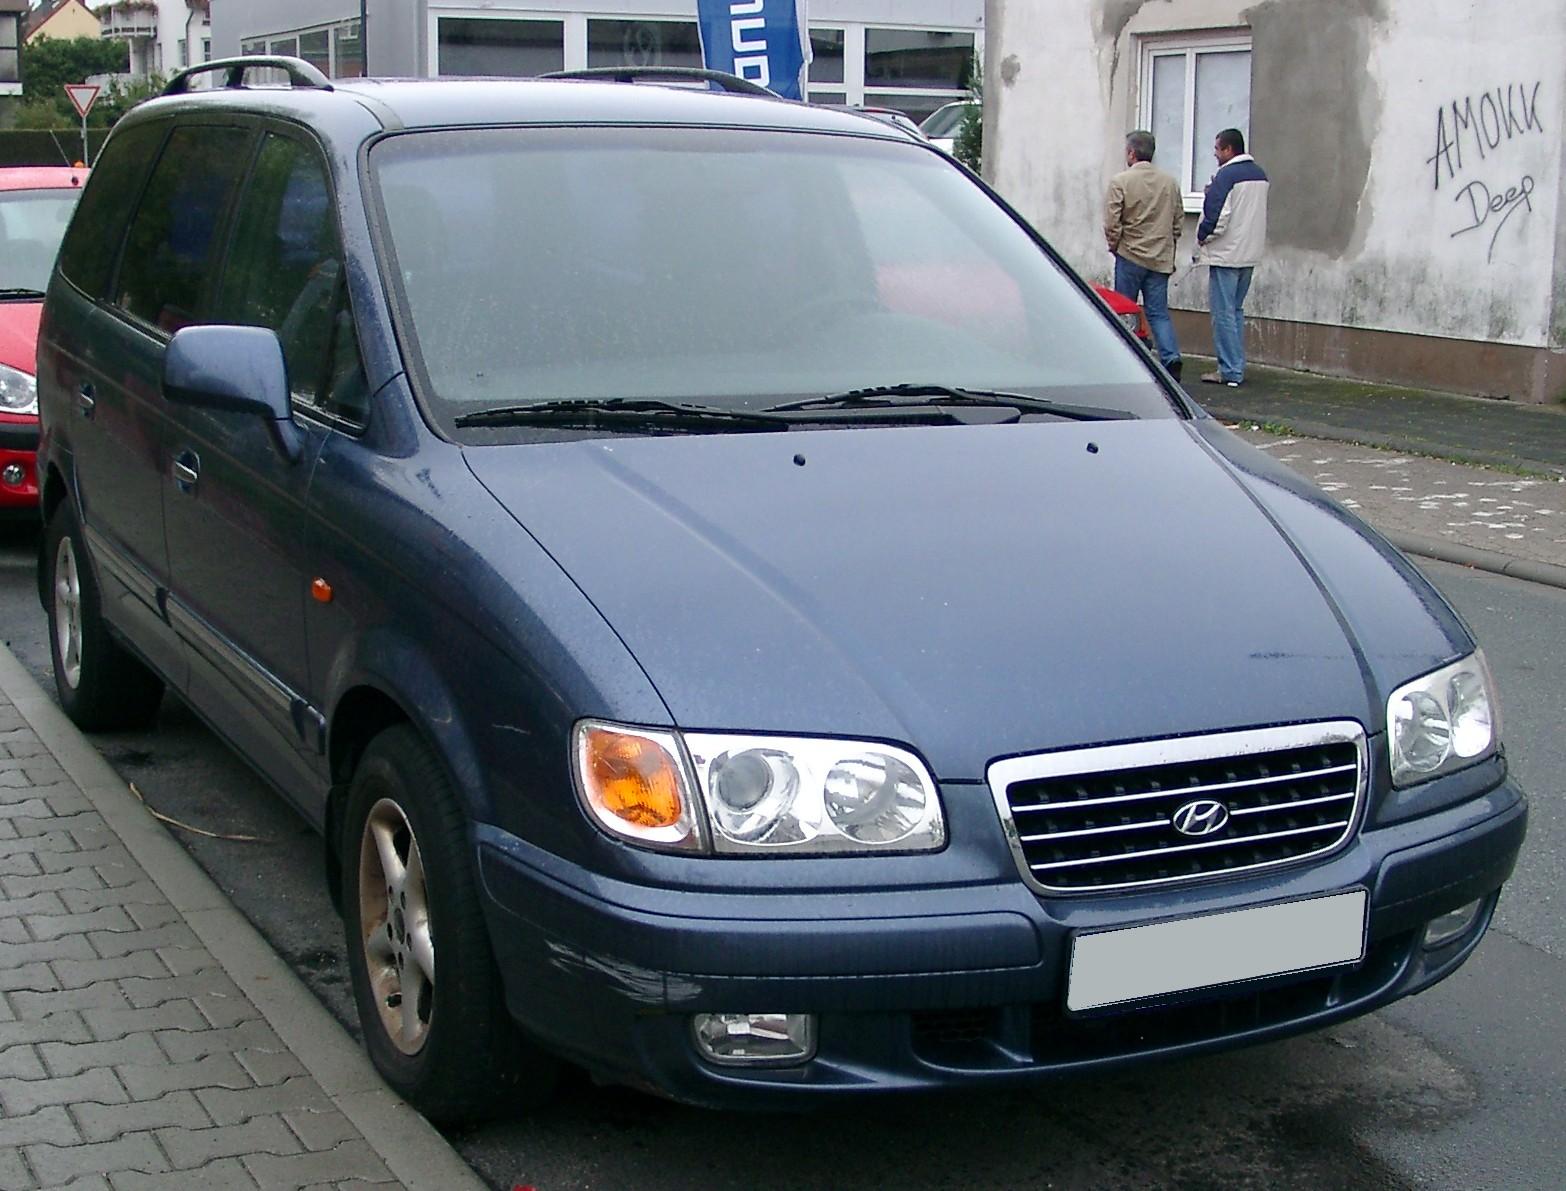 Hyundai Trajet  Wikipedia